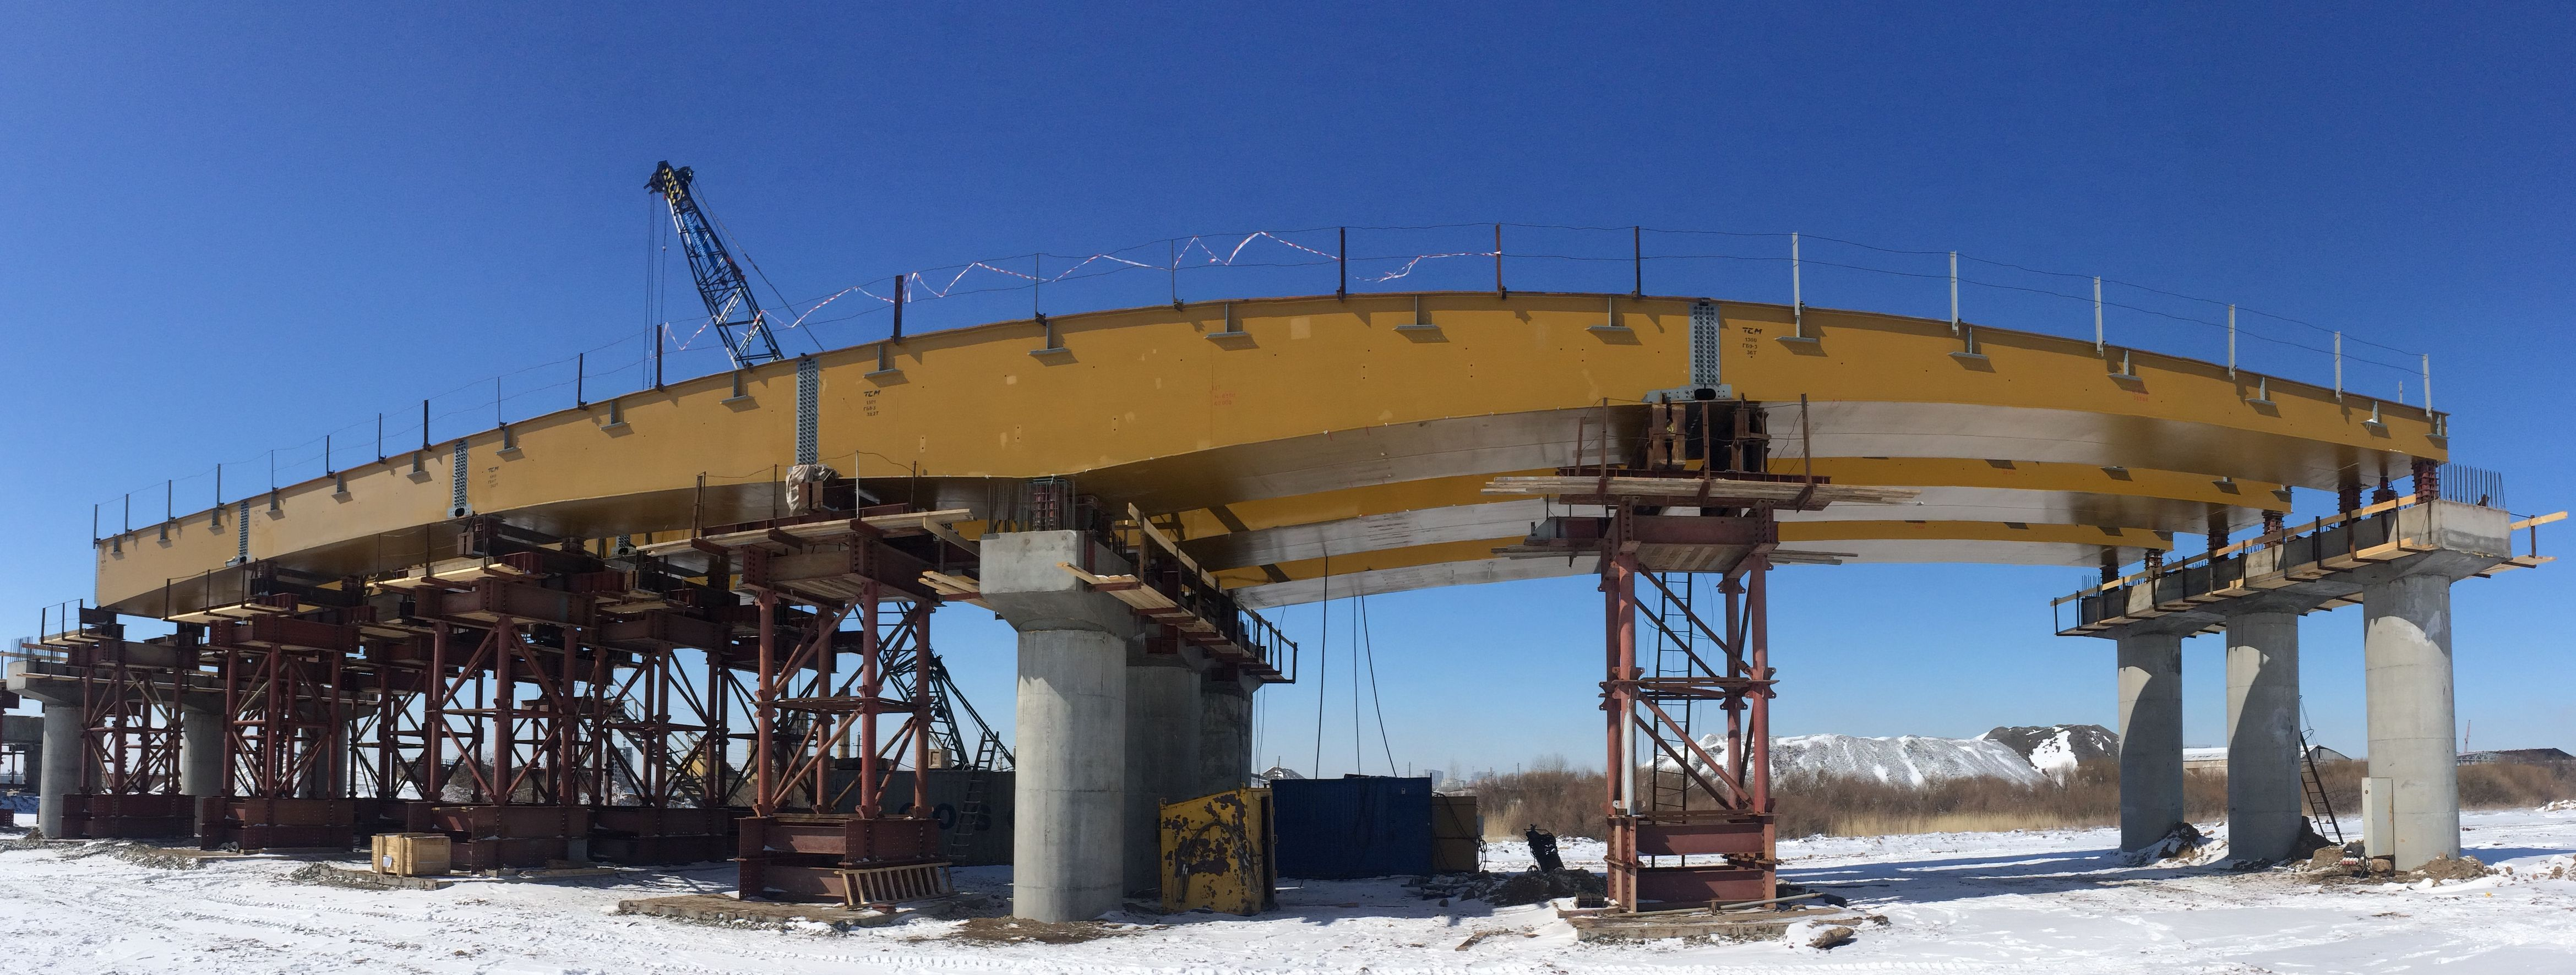 Специальные вспомогательные сооружения и устройства моста